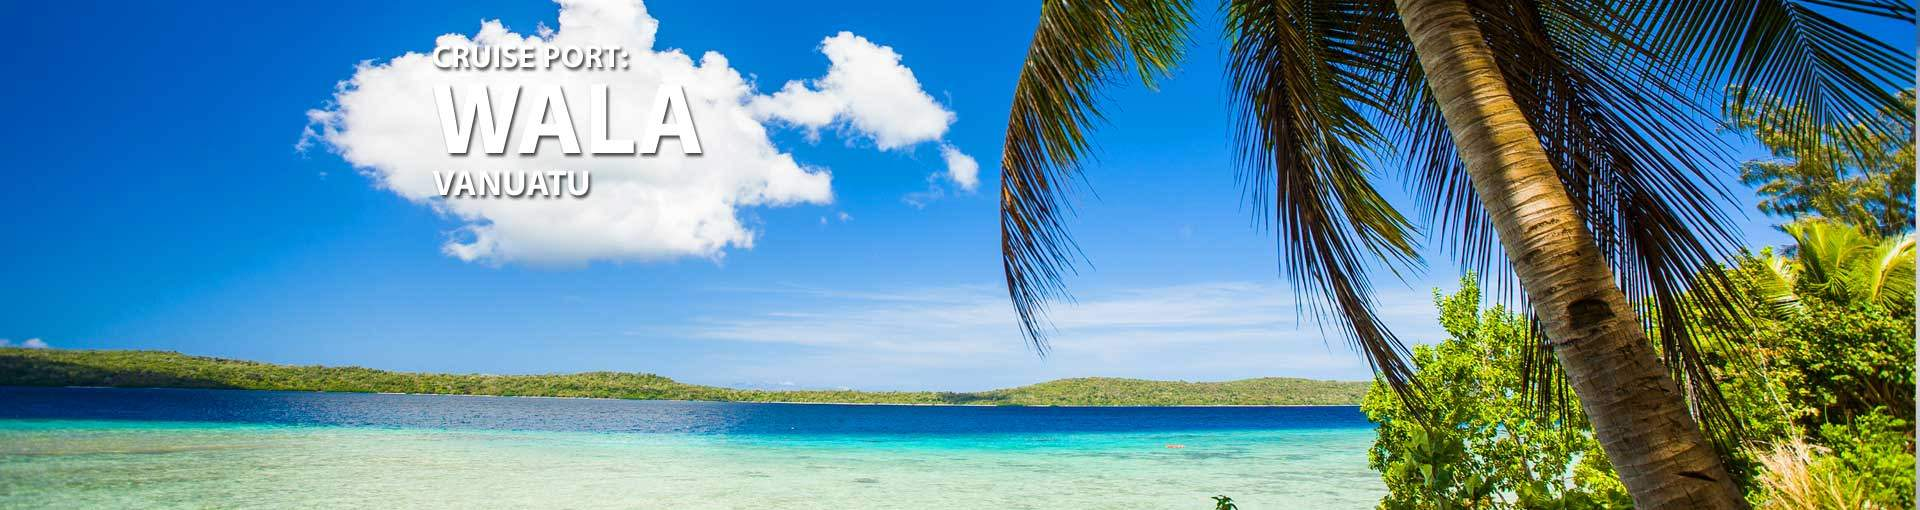 Cruises to Wala, Vanuatu